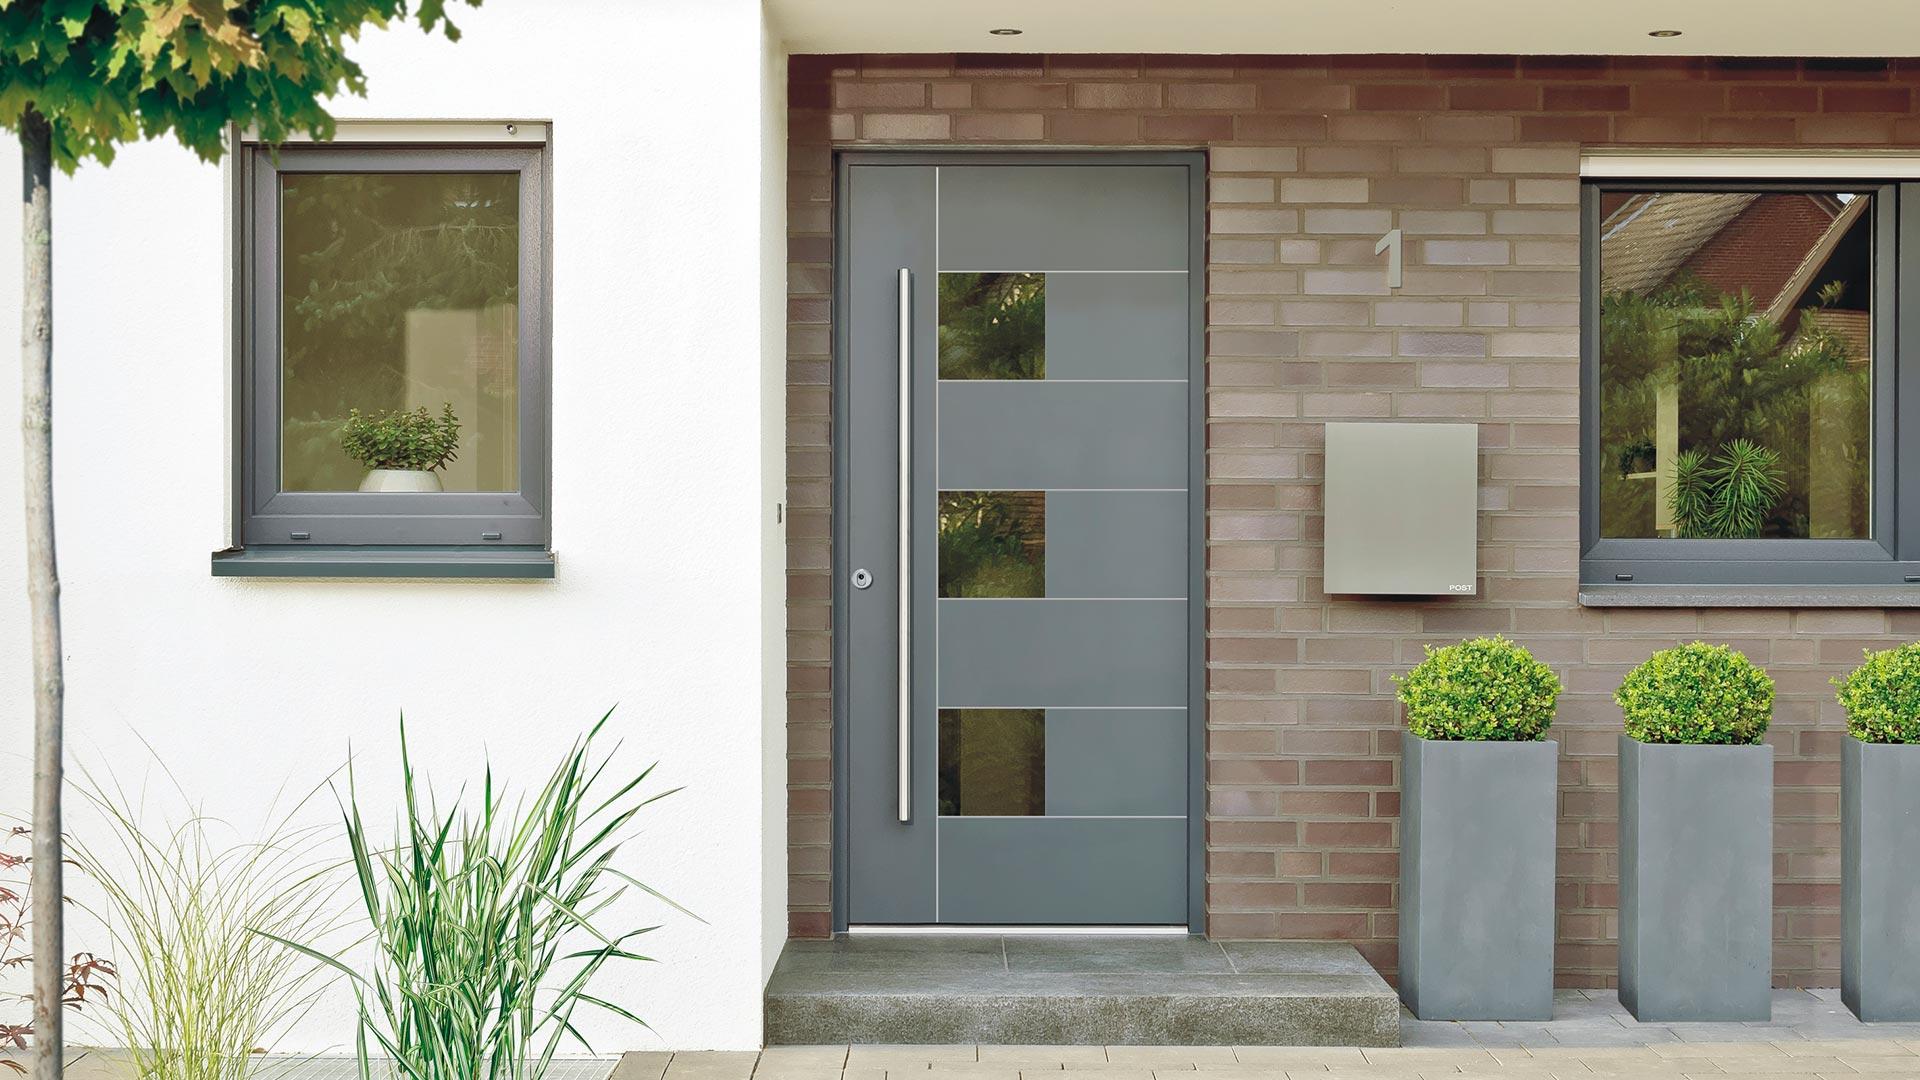 Astounding Haustüren Bilder Ideen Von Türen Und Türanlagen